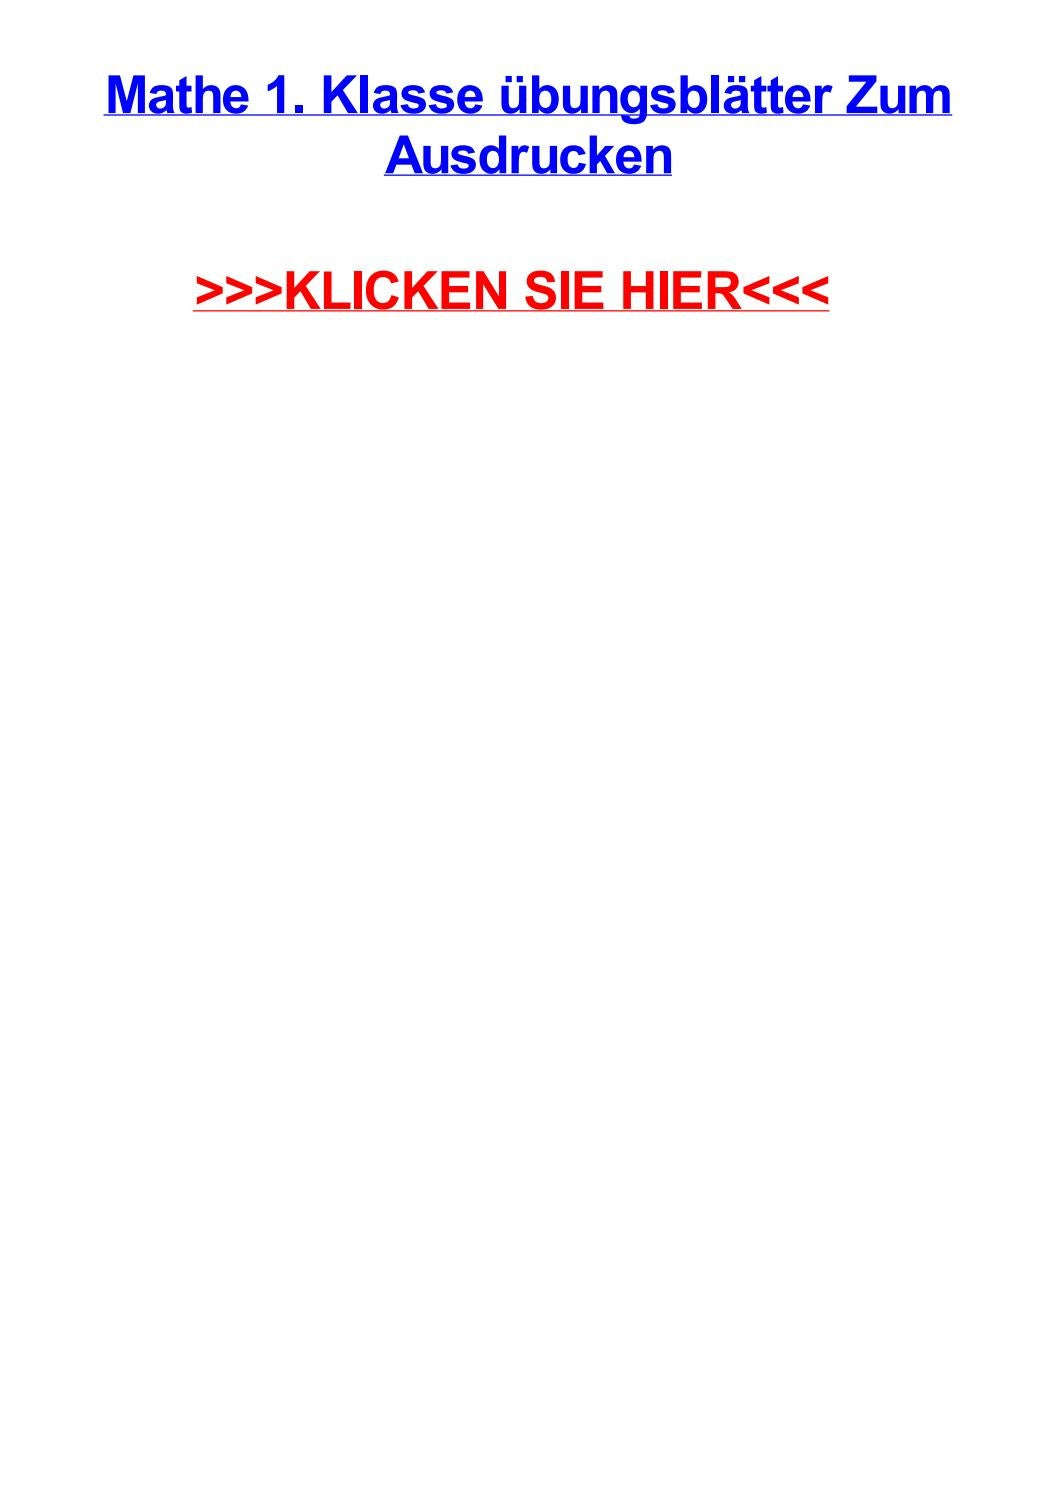 Mathe 1 klasse jbungsbltter zum ausdrucken by angelicadmzpw - issuu